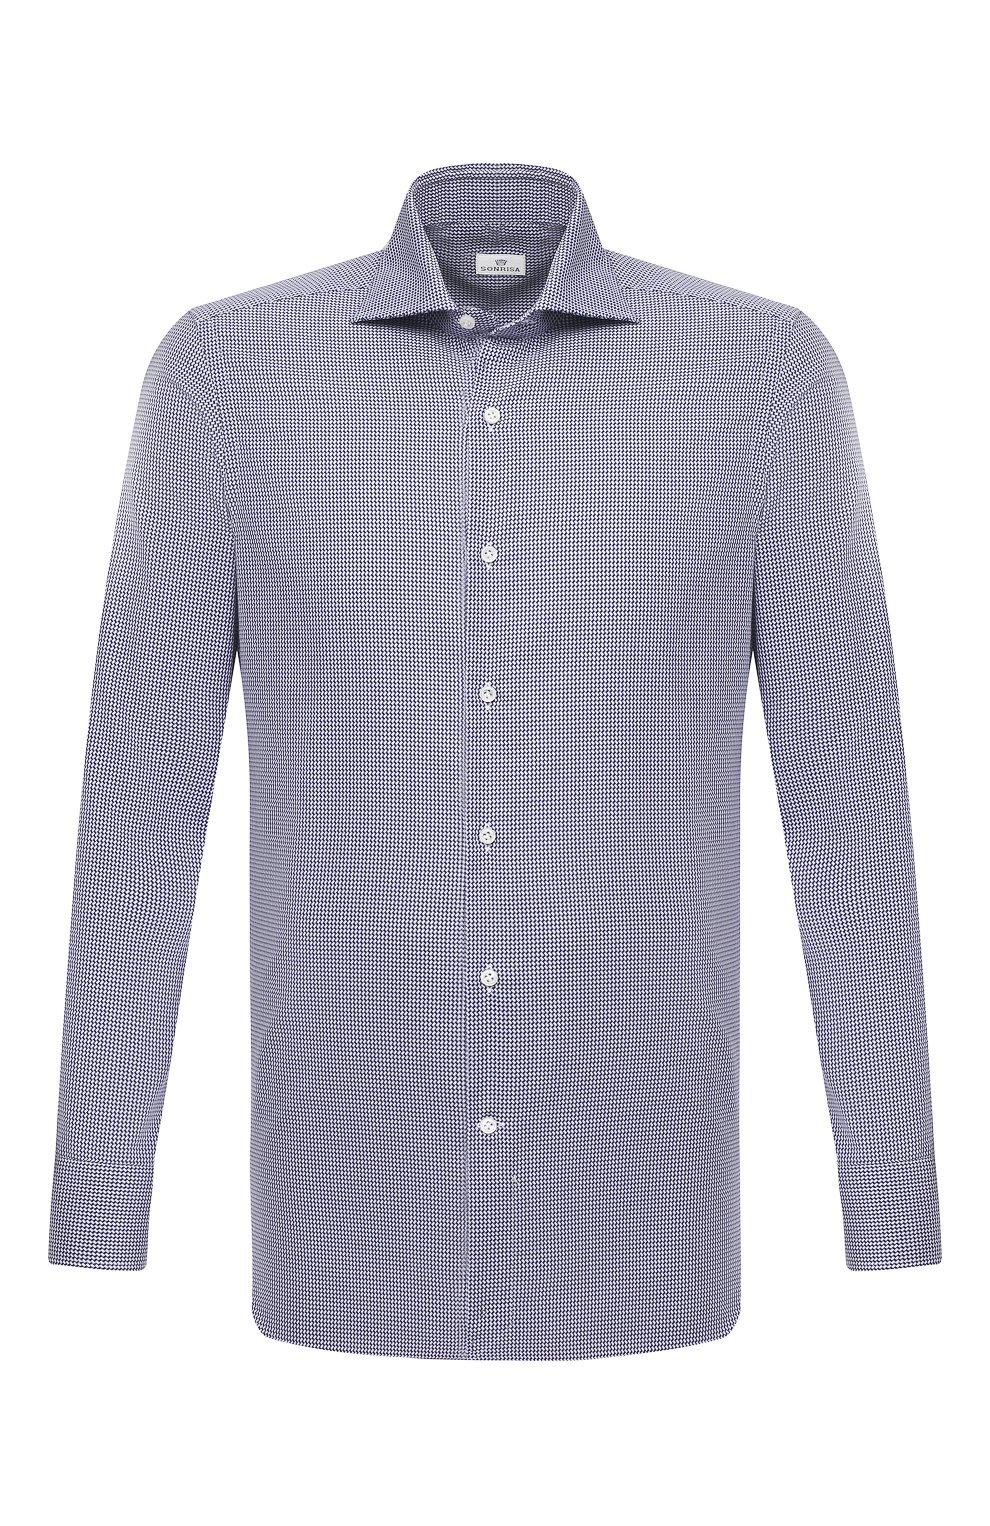 Мужская хлопковая сорочка SONRISA синего цвета, арт. I19/C4008   Фото 1 (Манжеты: На пуговицах; Принт: Клетка; Рукава: Длинные; Воротник: Акула; Длина (для топов): Стандартные; Рубашки М: Slim Fit; Материал внешний: Хлопок; Стили: Классический; Случай: Формальный)